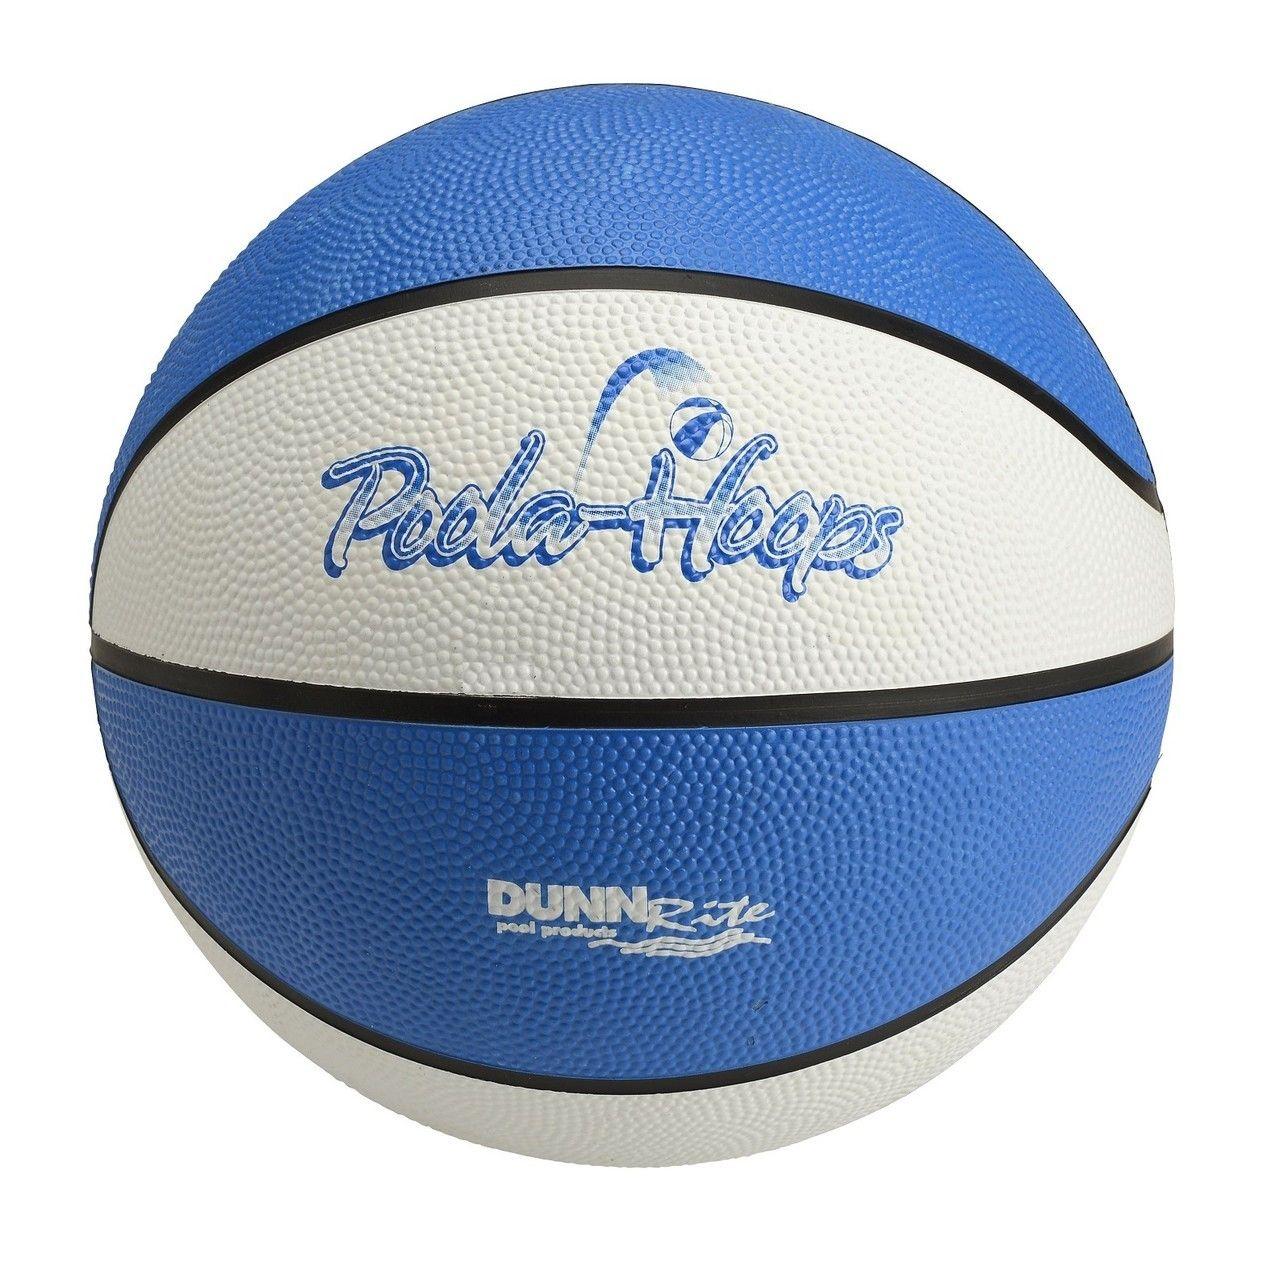 Poola Hoop Ball 9 Dia B130 Pool Basketball Pool Water Basketball